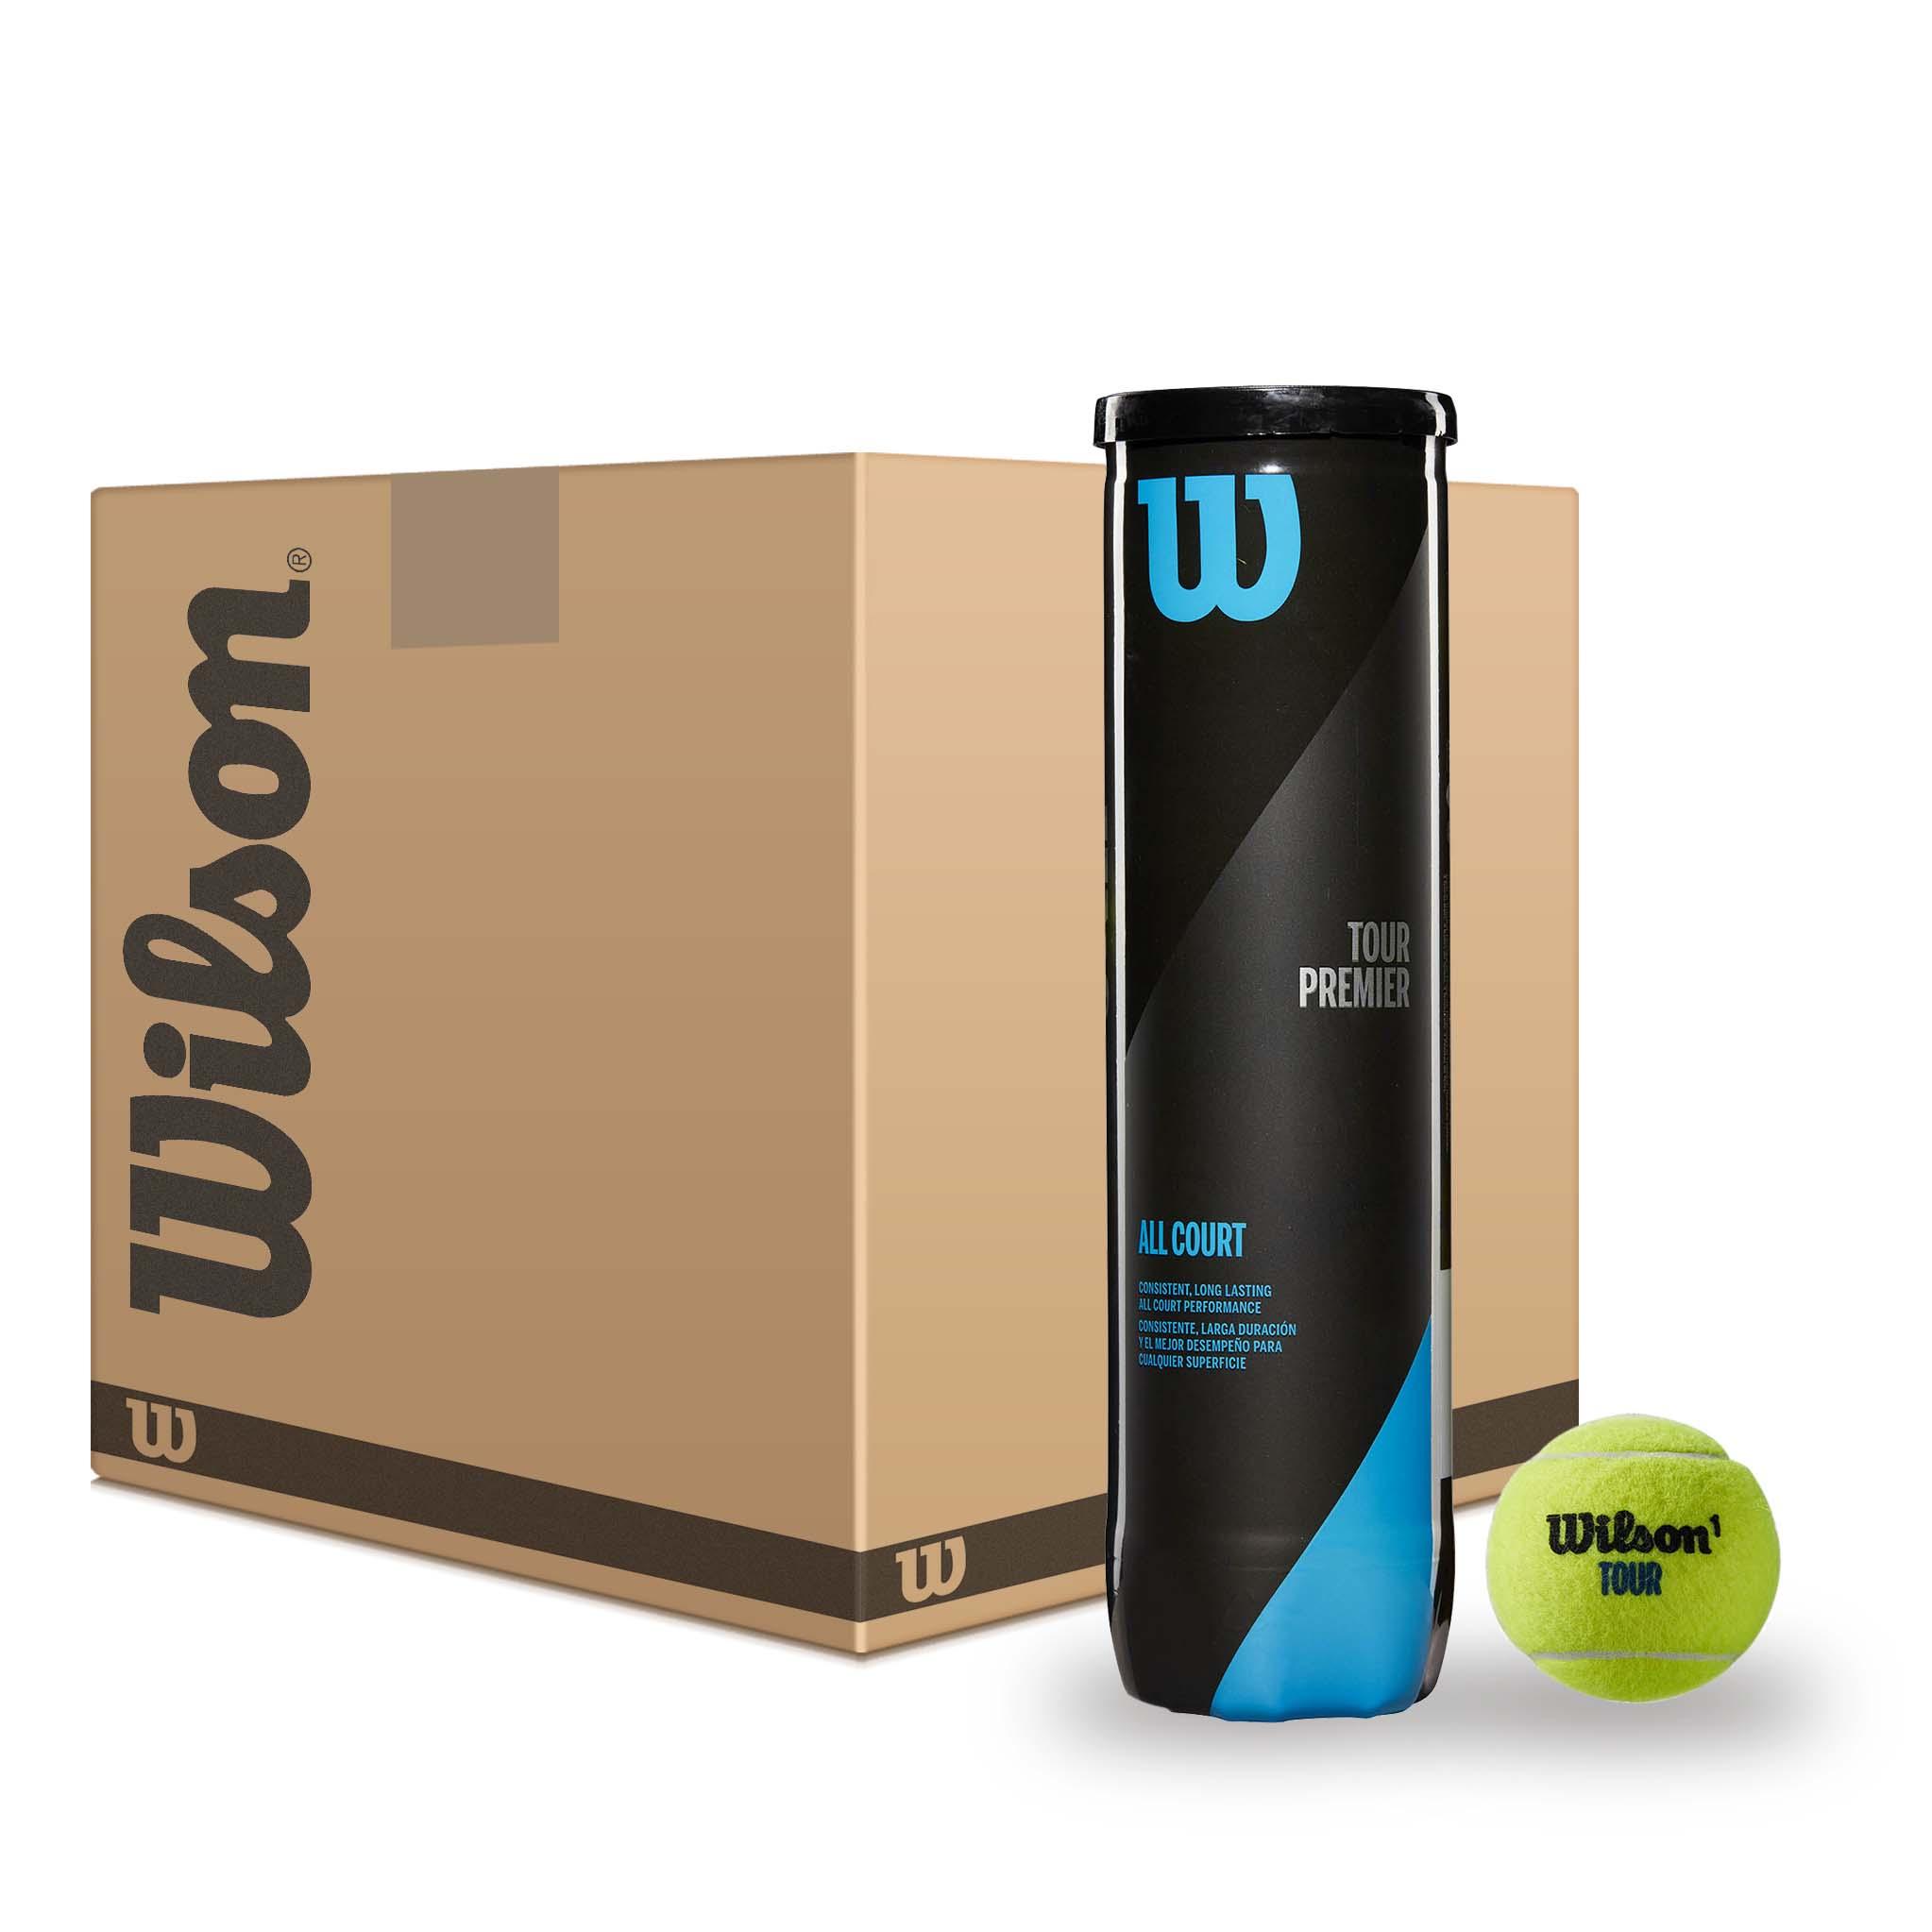 Wilson Tour Premier All Court Tennis Balls - 6 dozen